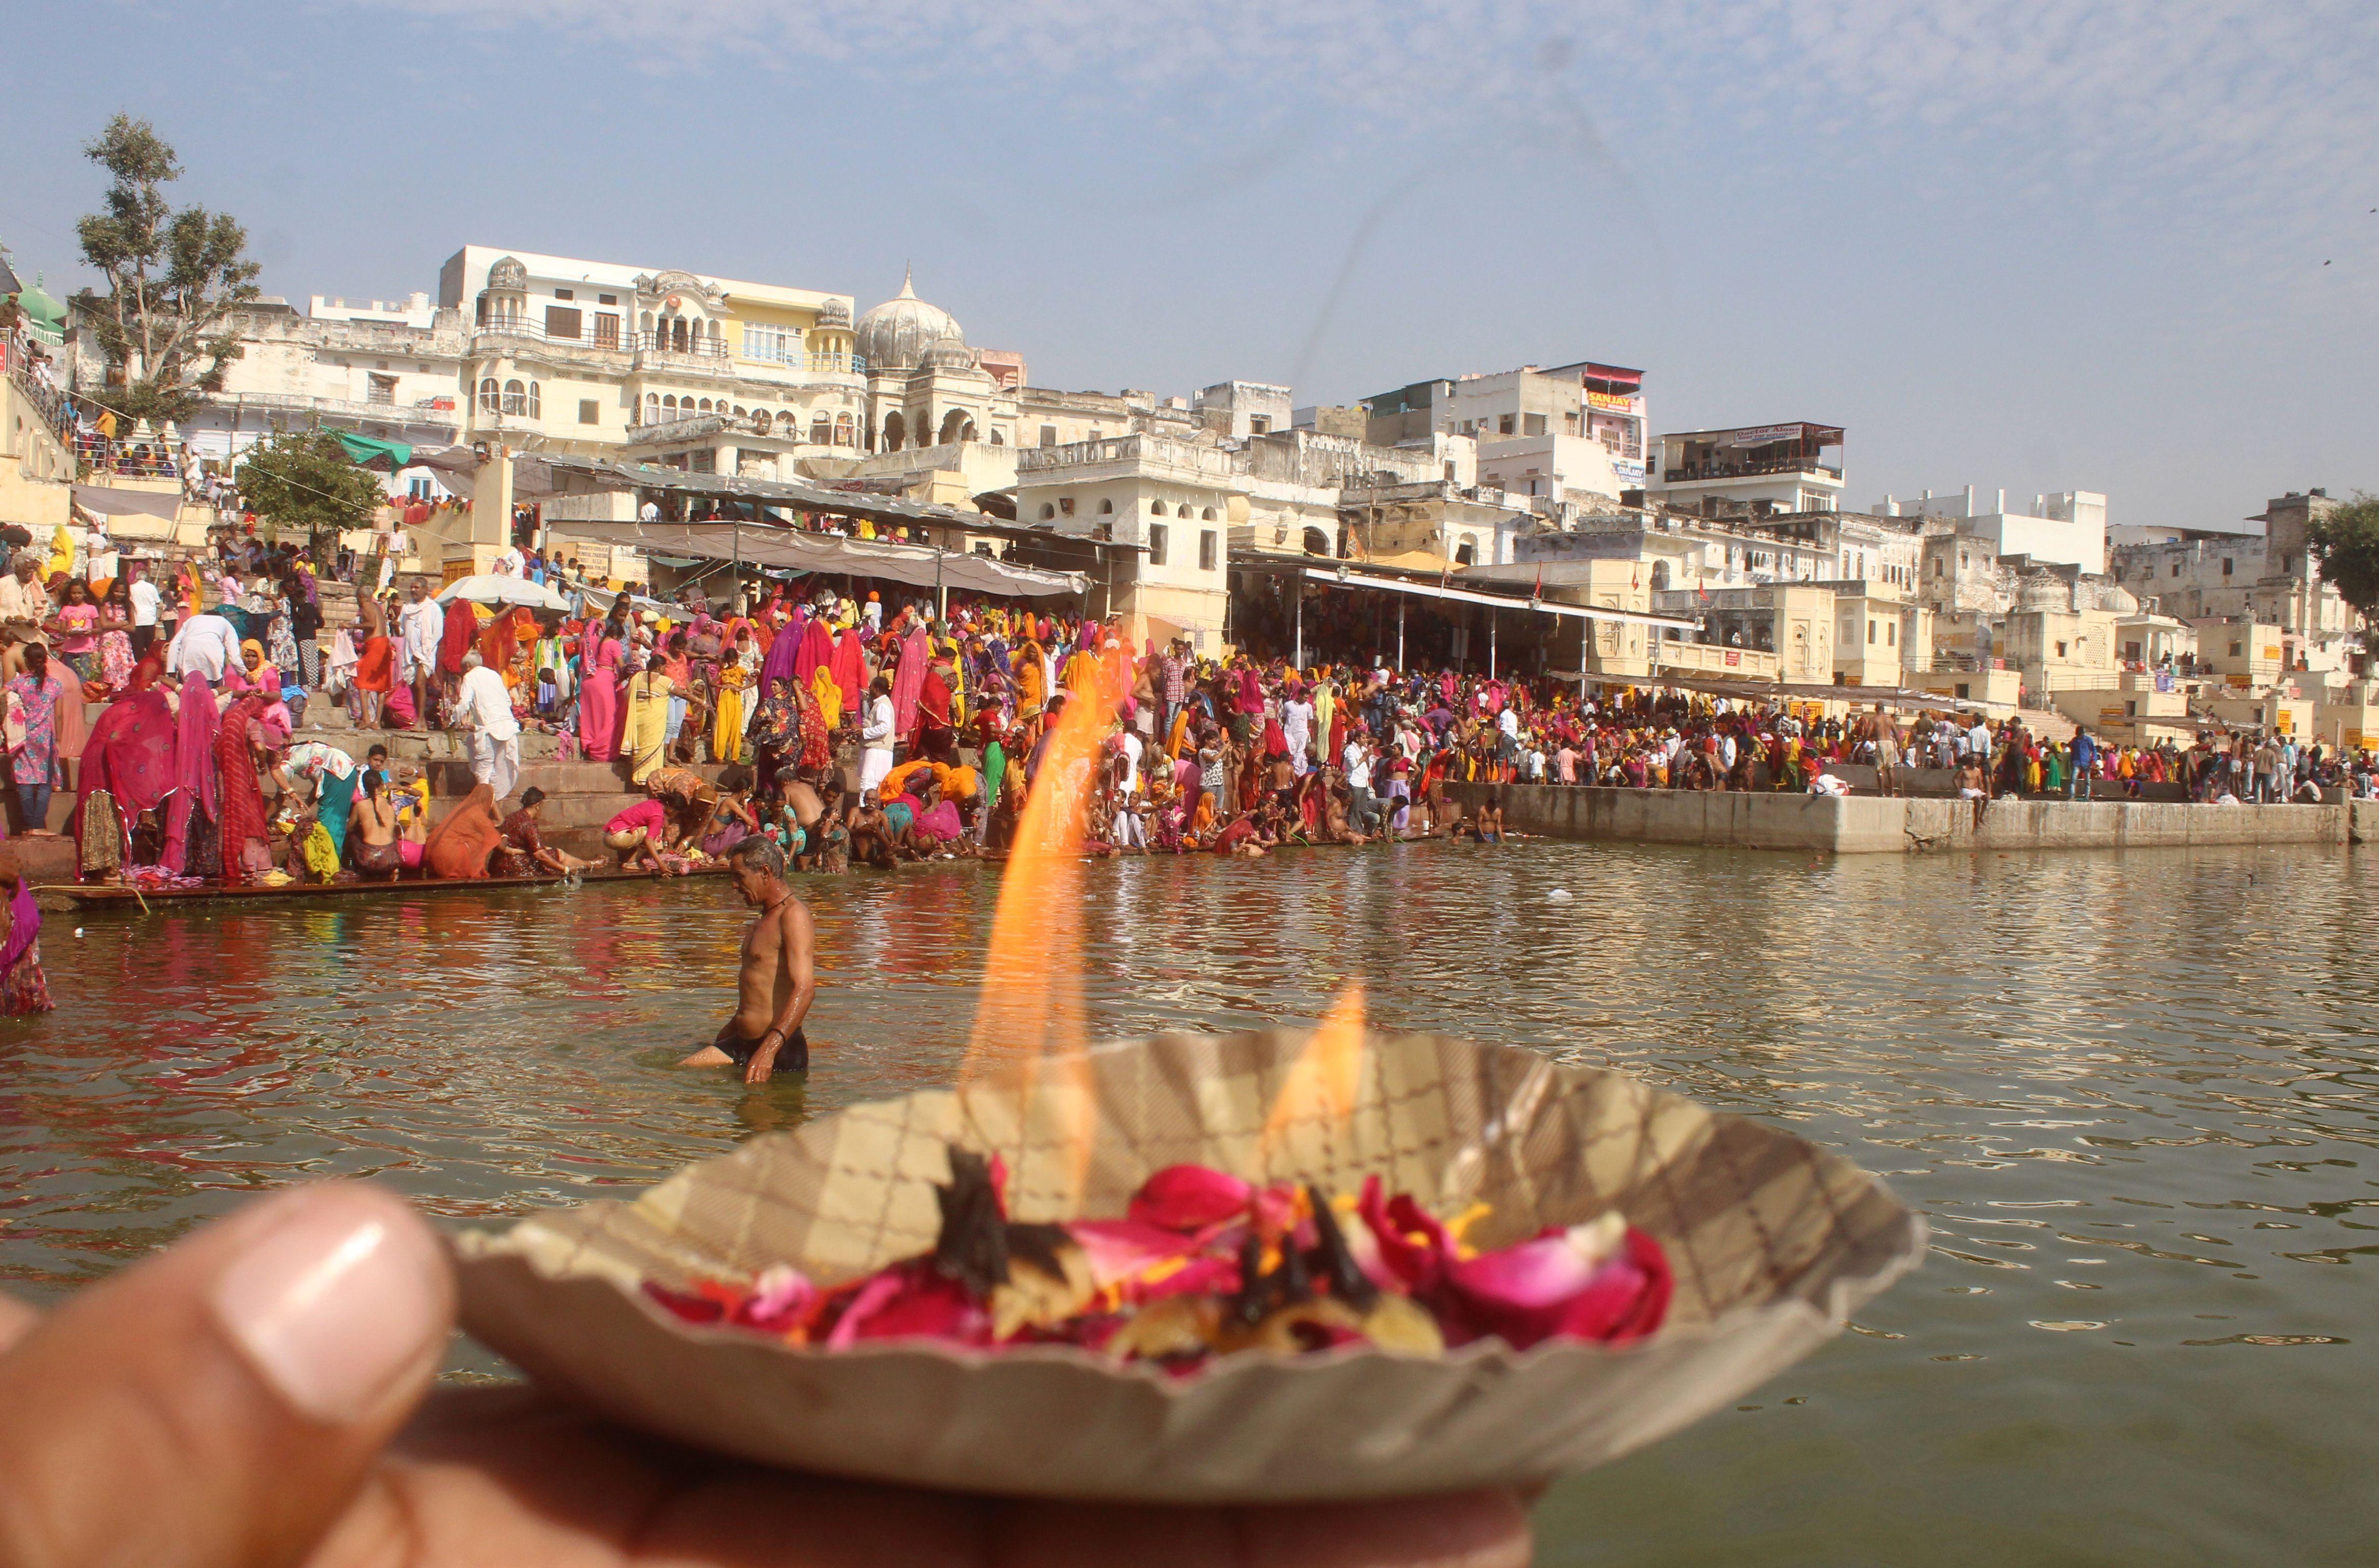 हजारों श्रद्धालुओं ने किया कार्तिक प्रबोधिनी एकादशी पर किया पुष्कर सरोवर में स्नान कर कमाया धर्म लाभ